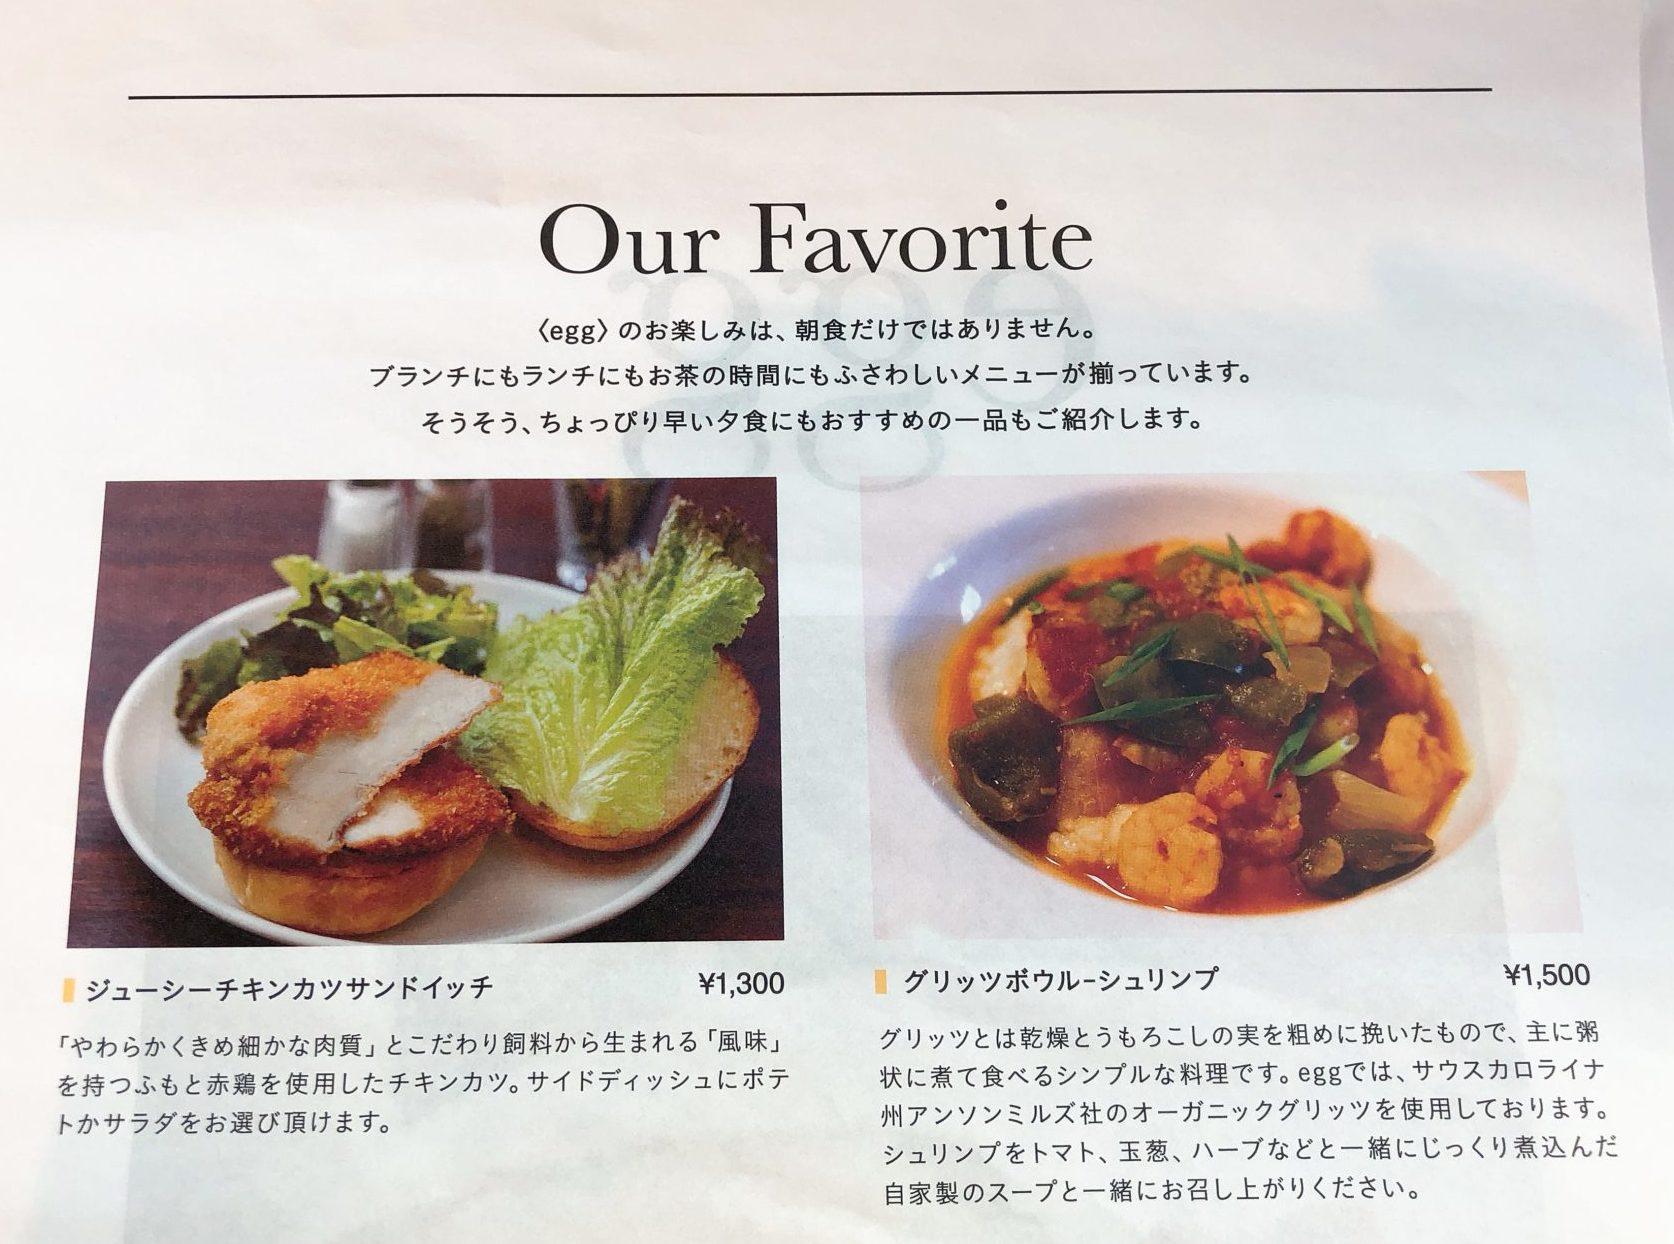 egg東京農大世田谷通り店の限定メニュー